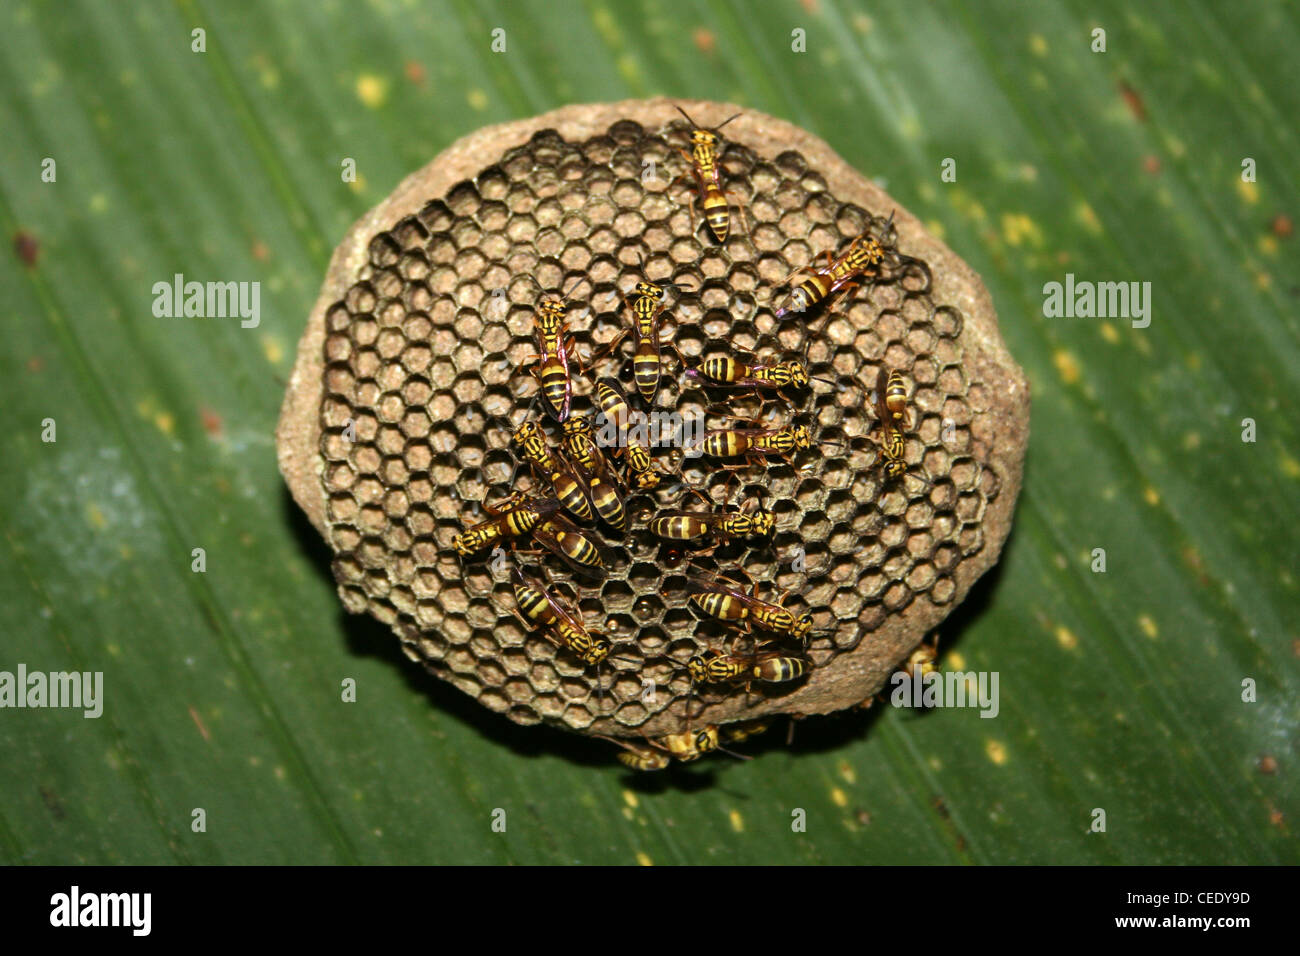 Circolare nido di vespe, Costa Rica Immagini Stock